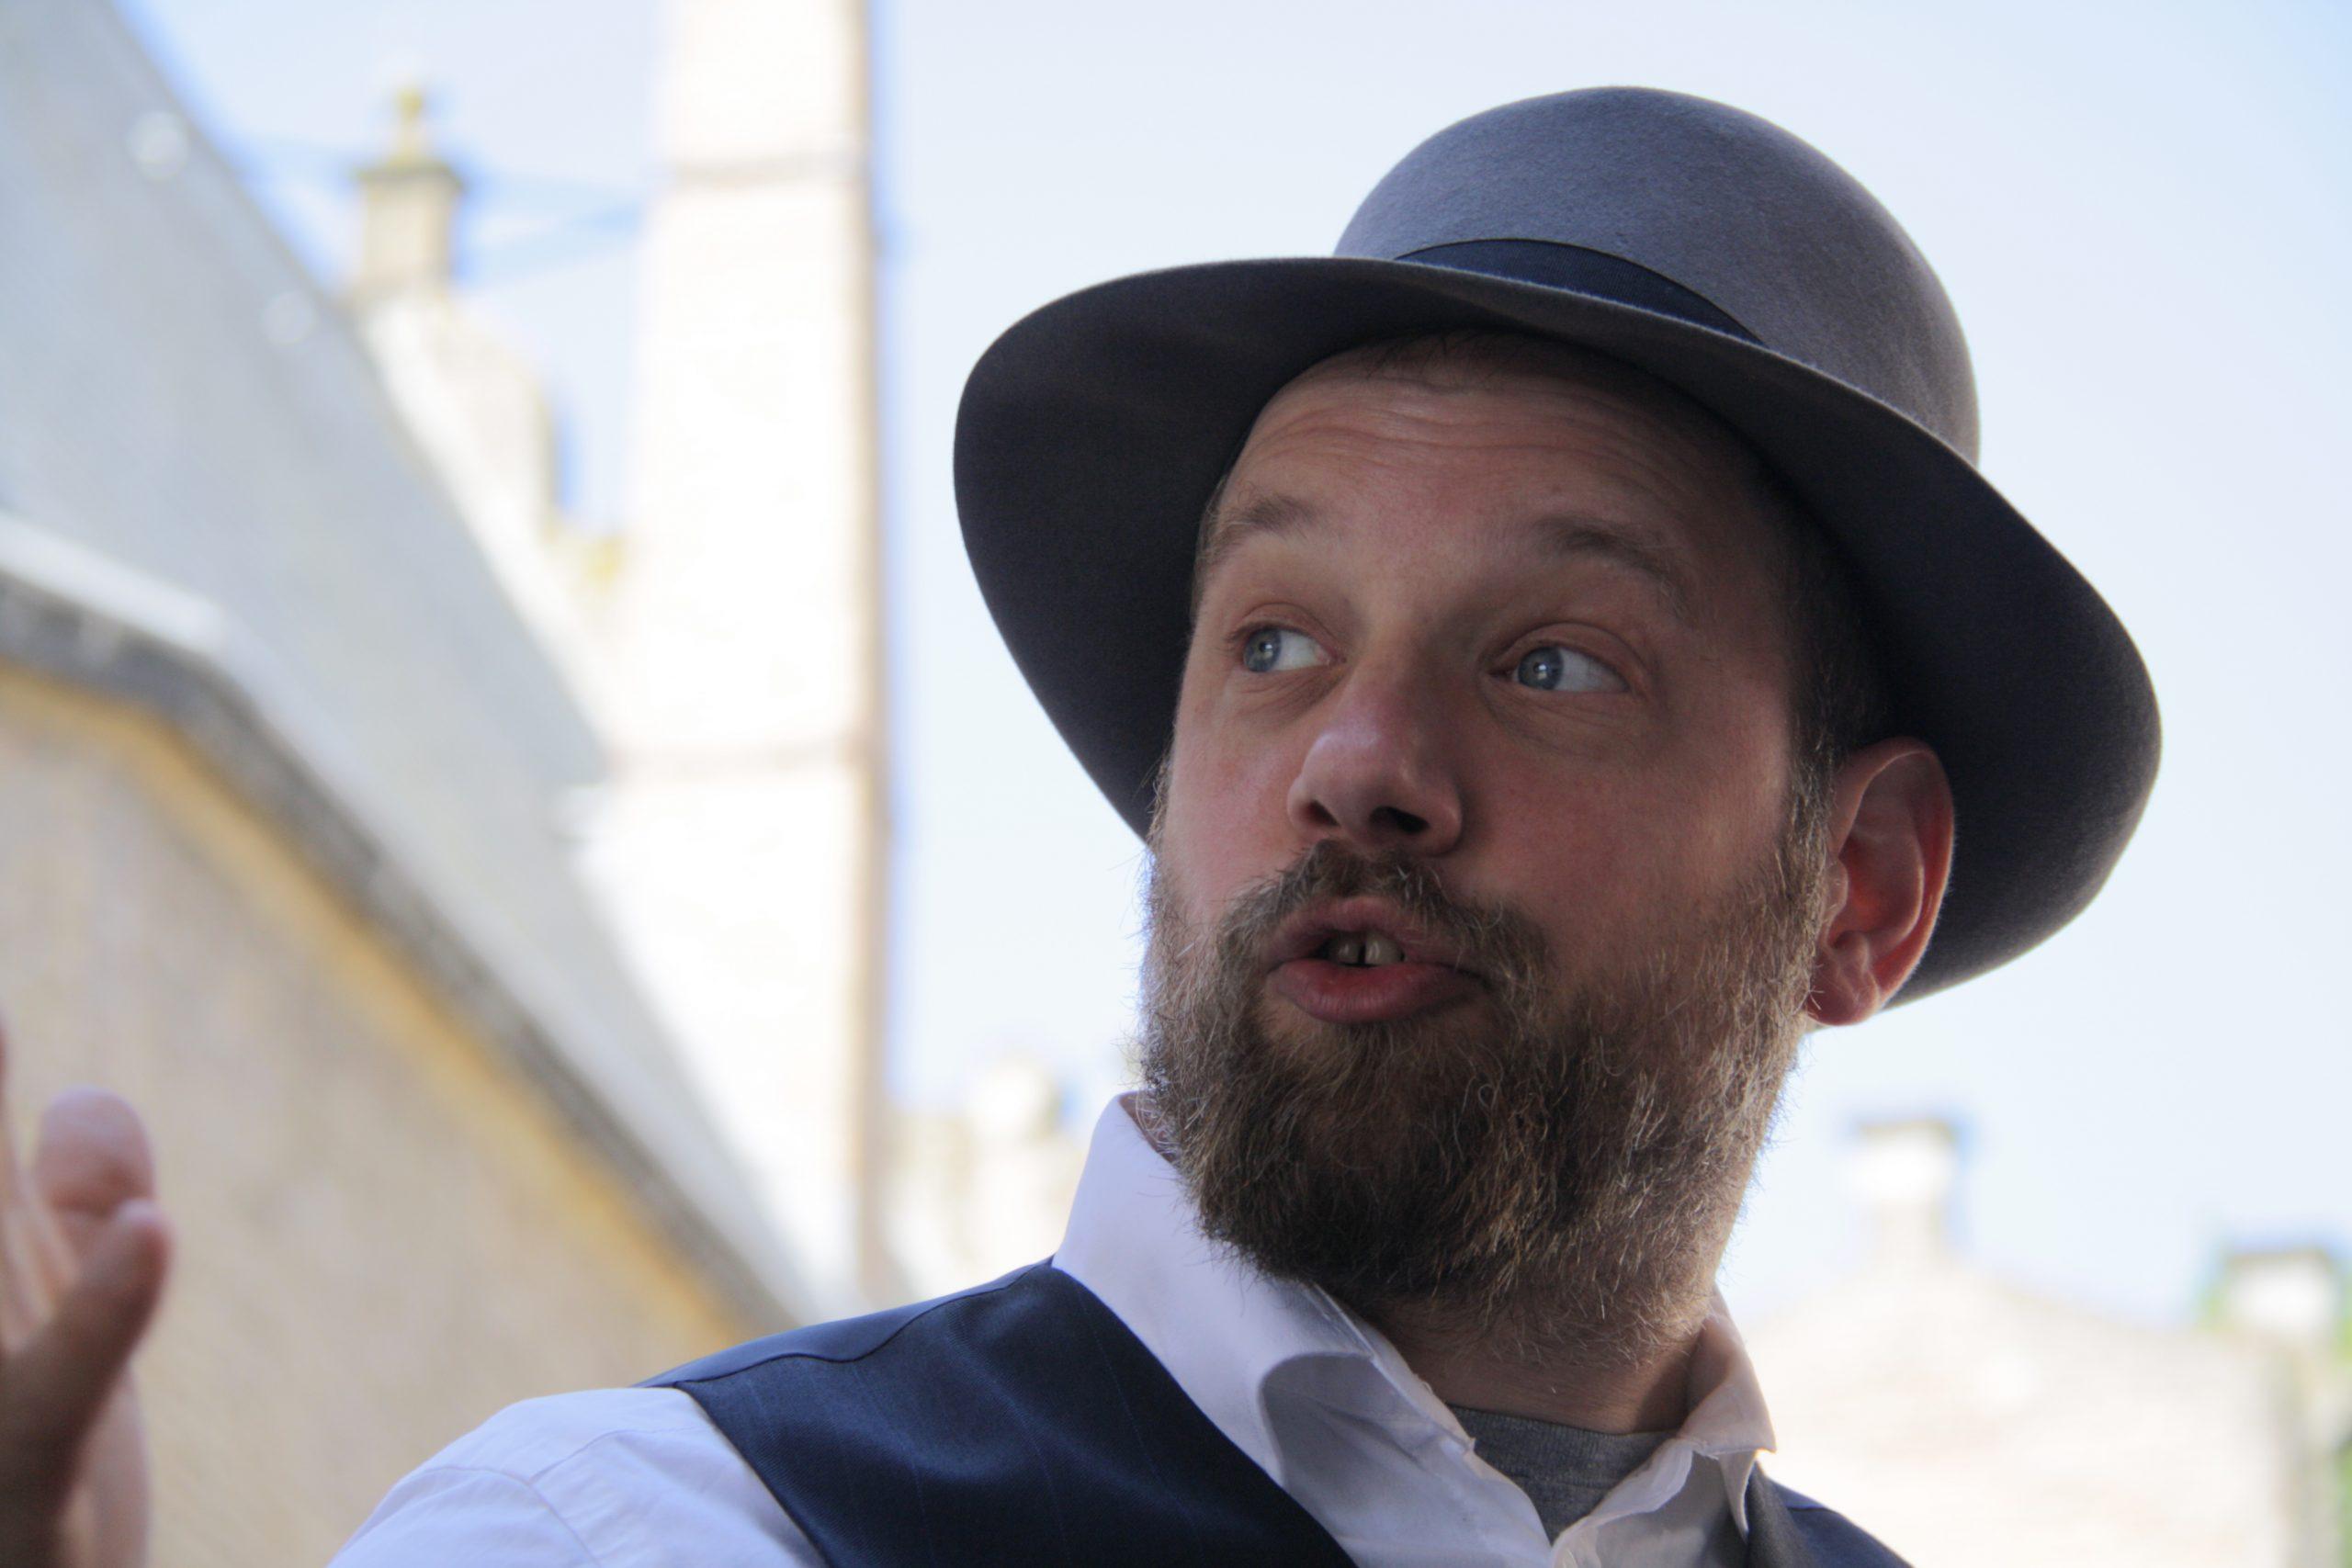 StoryTrail stadswandeling met verteller Hildebrand Vertelt verhalen.